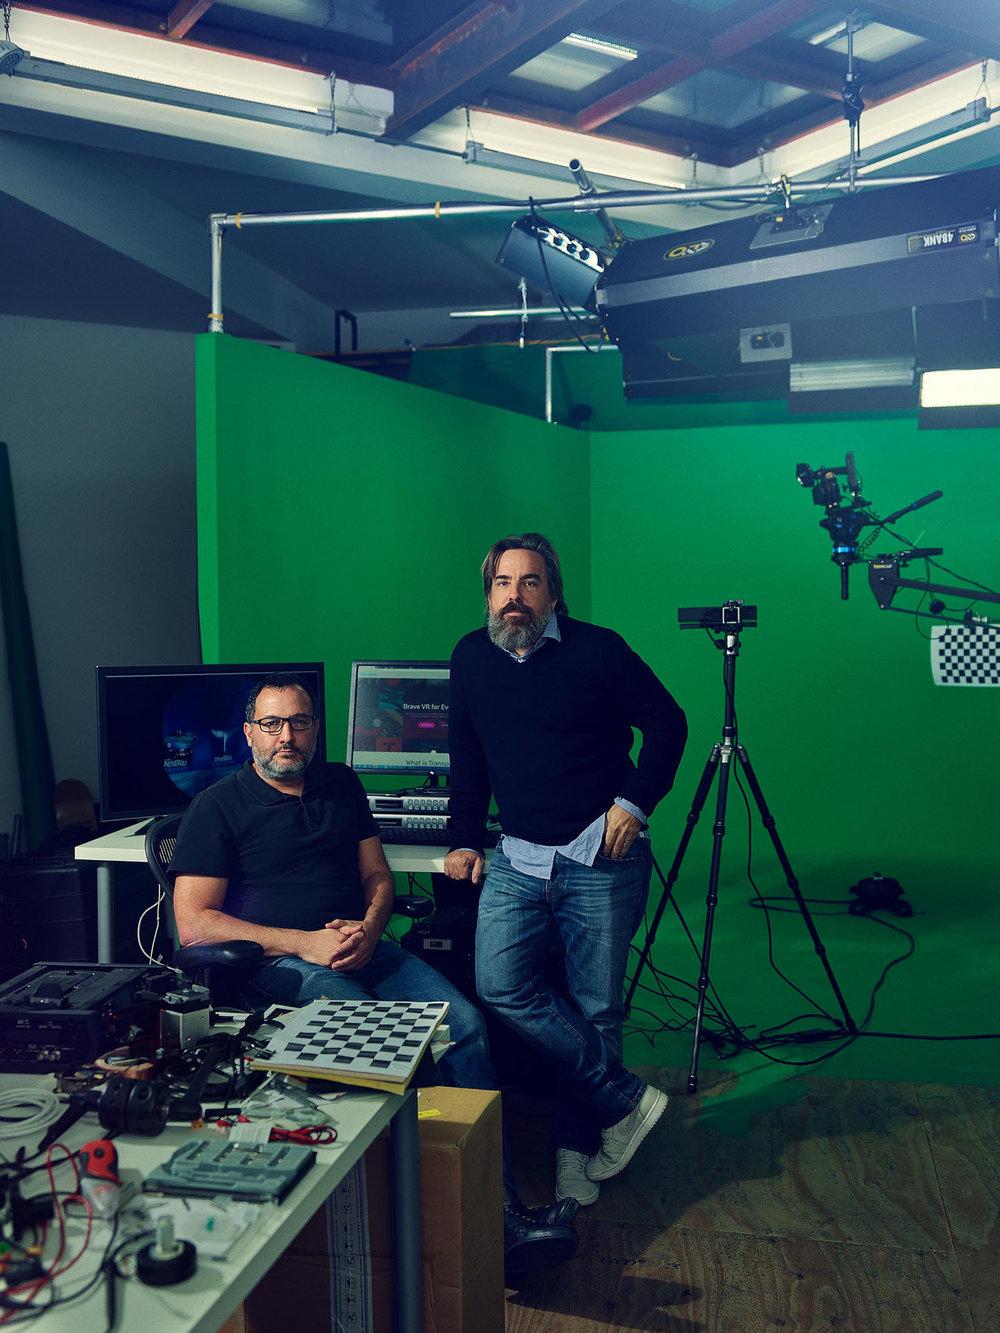 Neville Spiteri & Anthony Batt, Co-Founders of Wevr, Venice, California, 2016